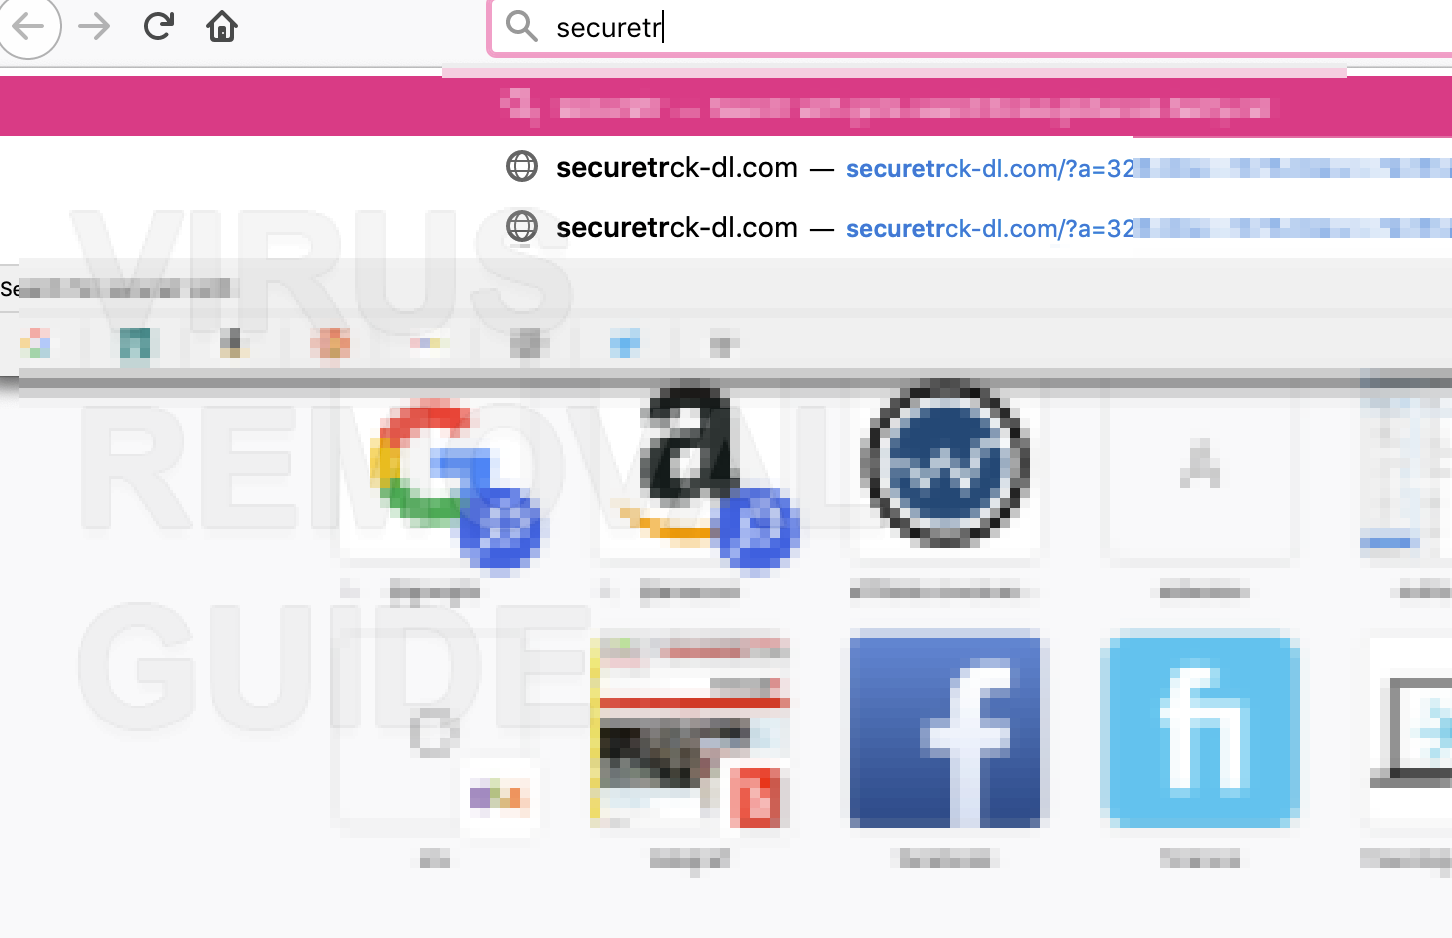 Securetrck-dl.com